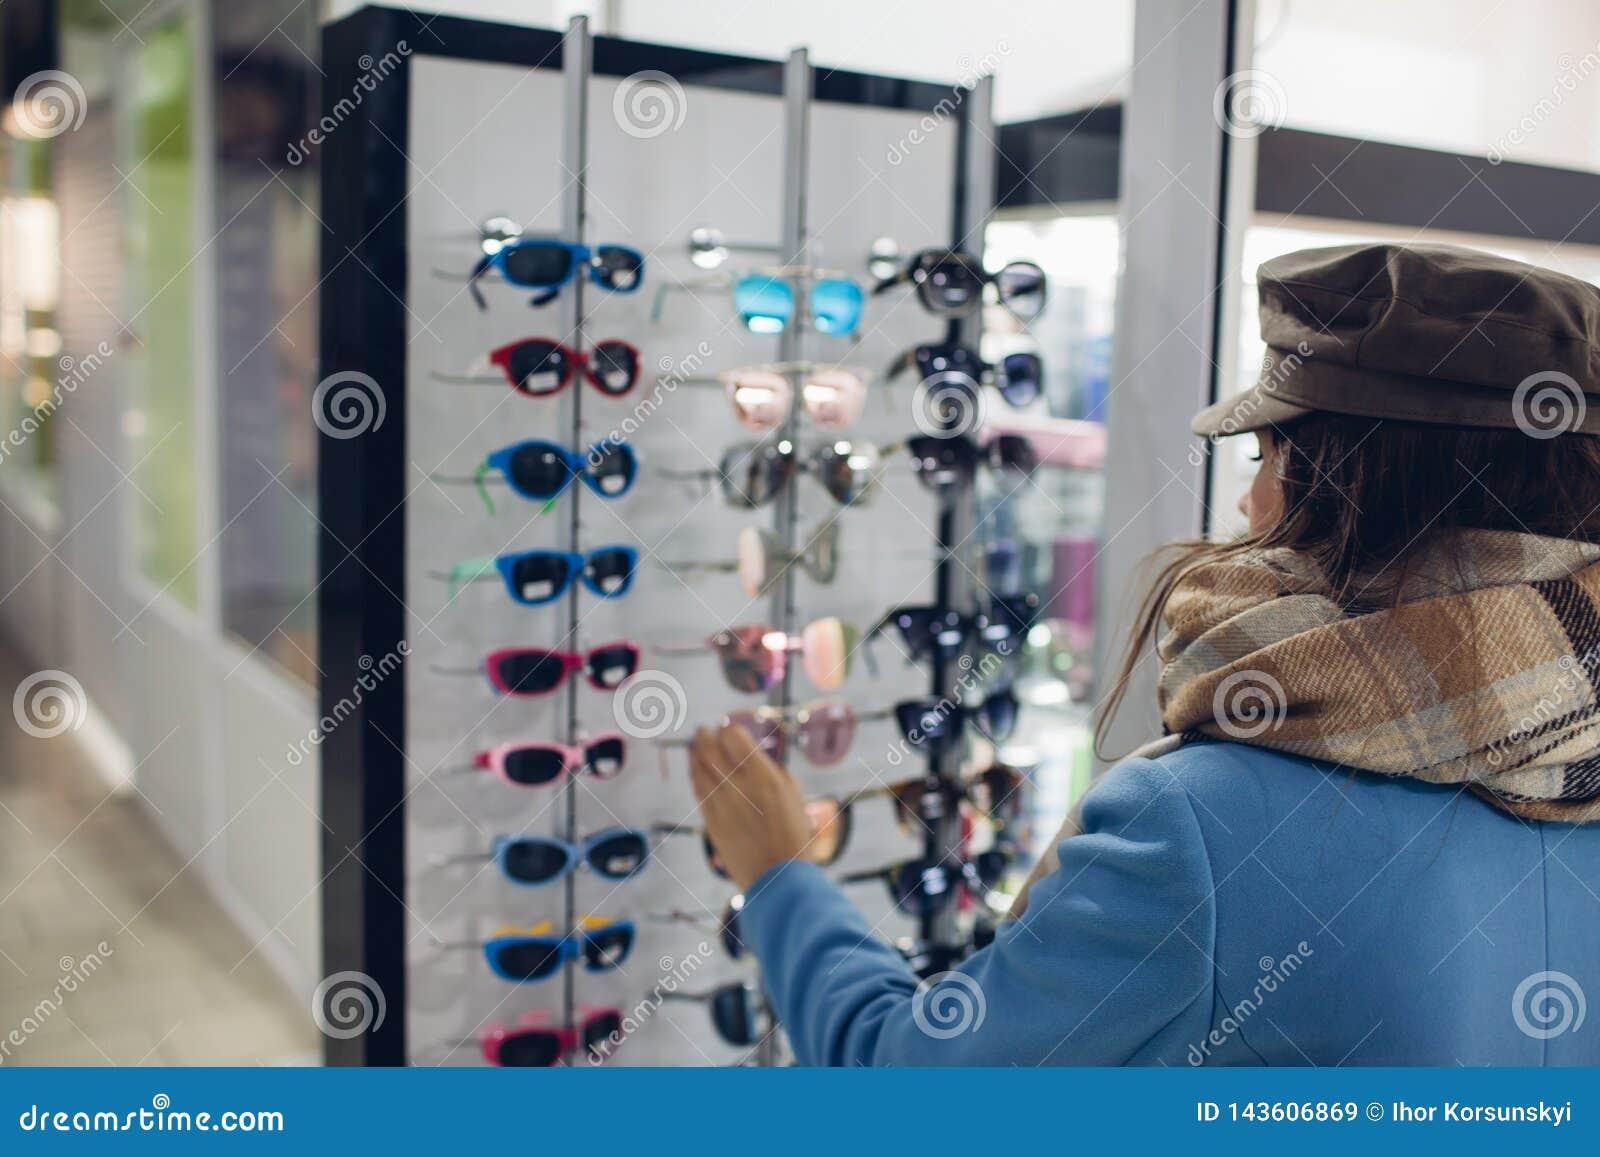 Młoda Kobieta w Okulistycznym sklepie - Piękna dziewczyna wybiera szkła w okulisty sklepie